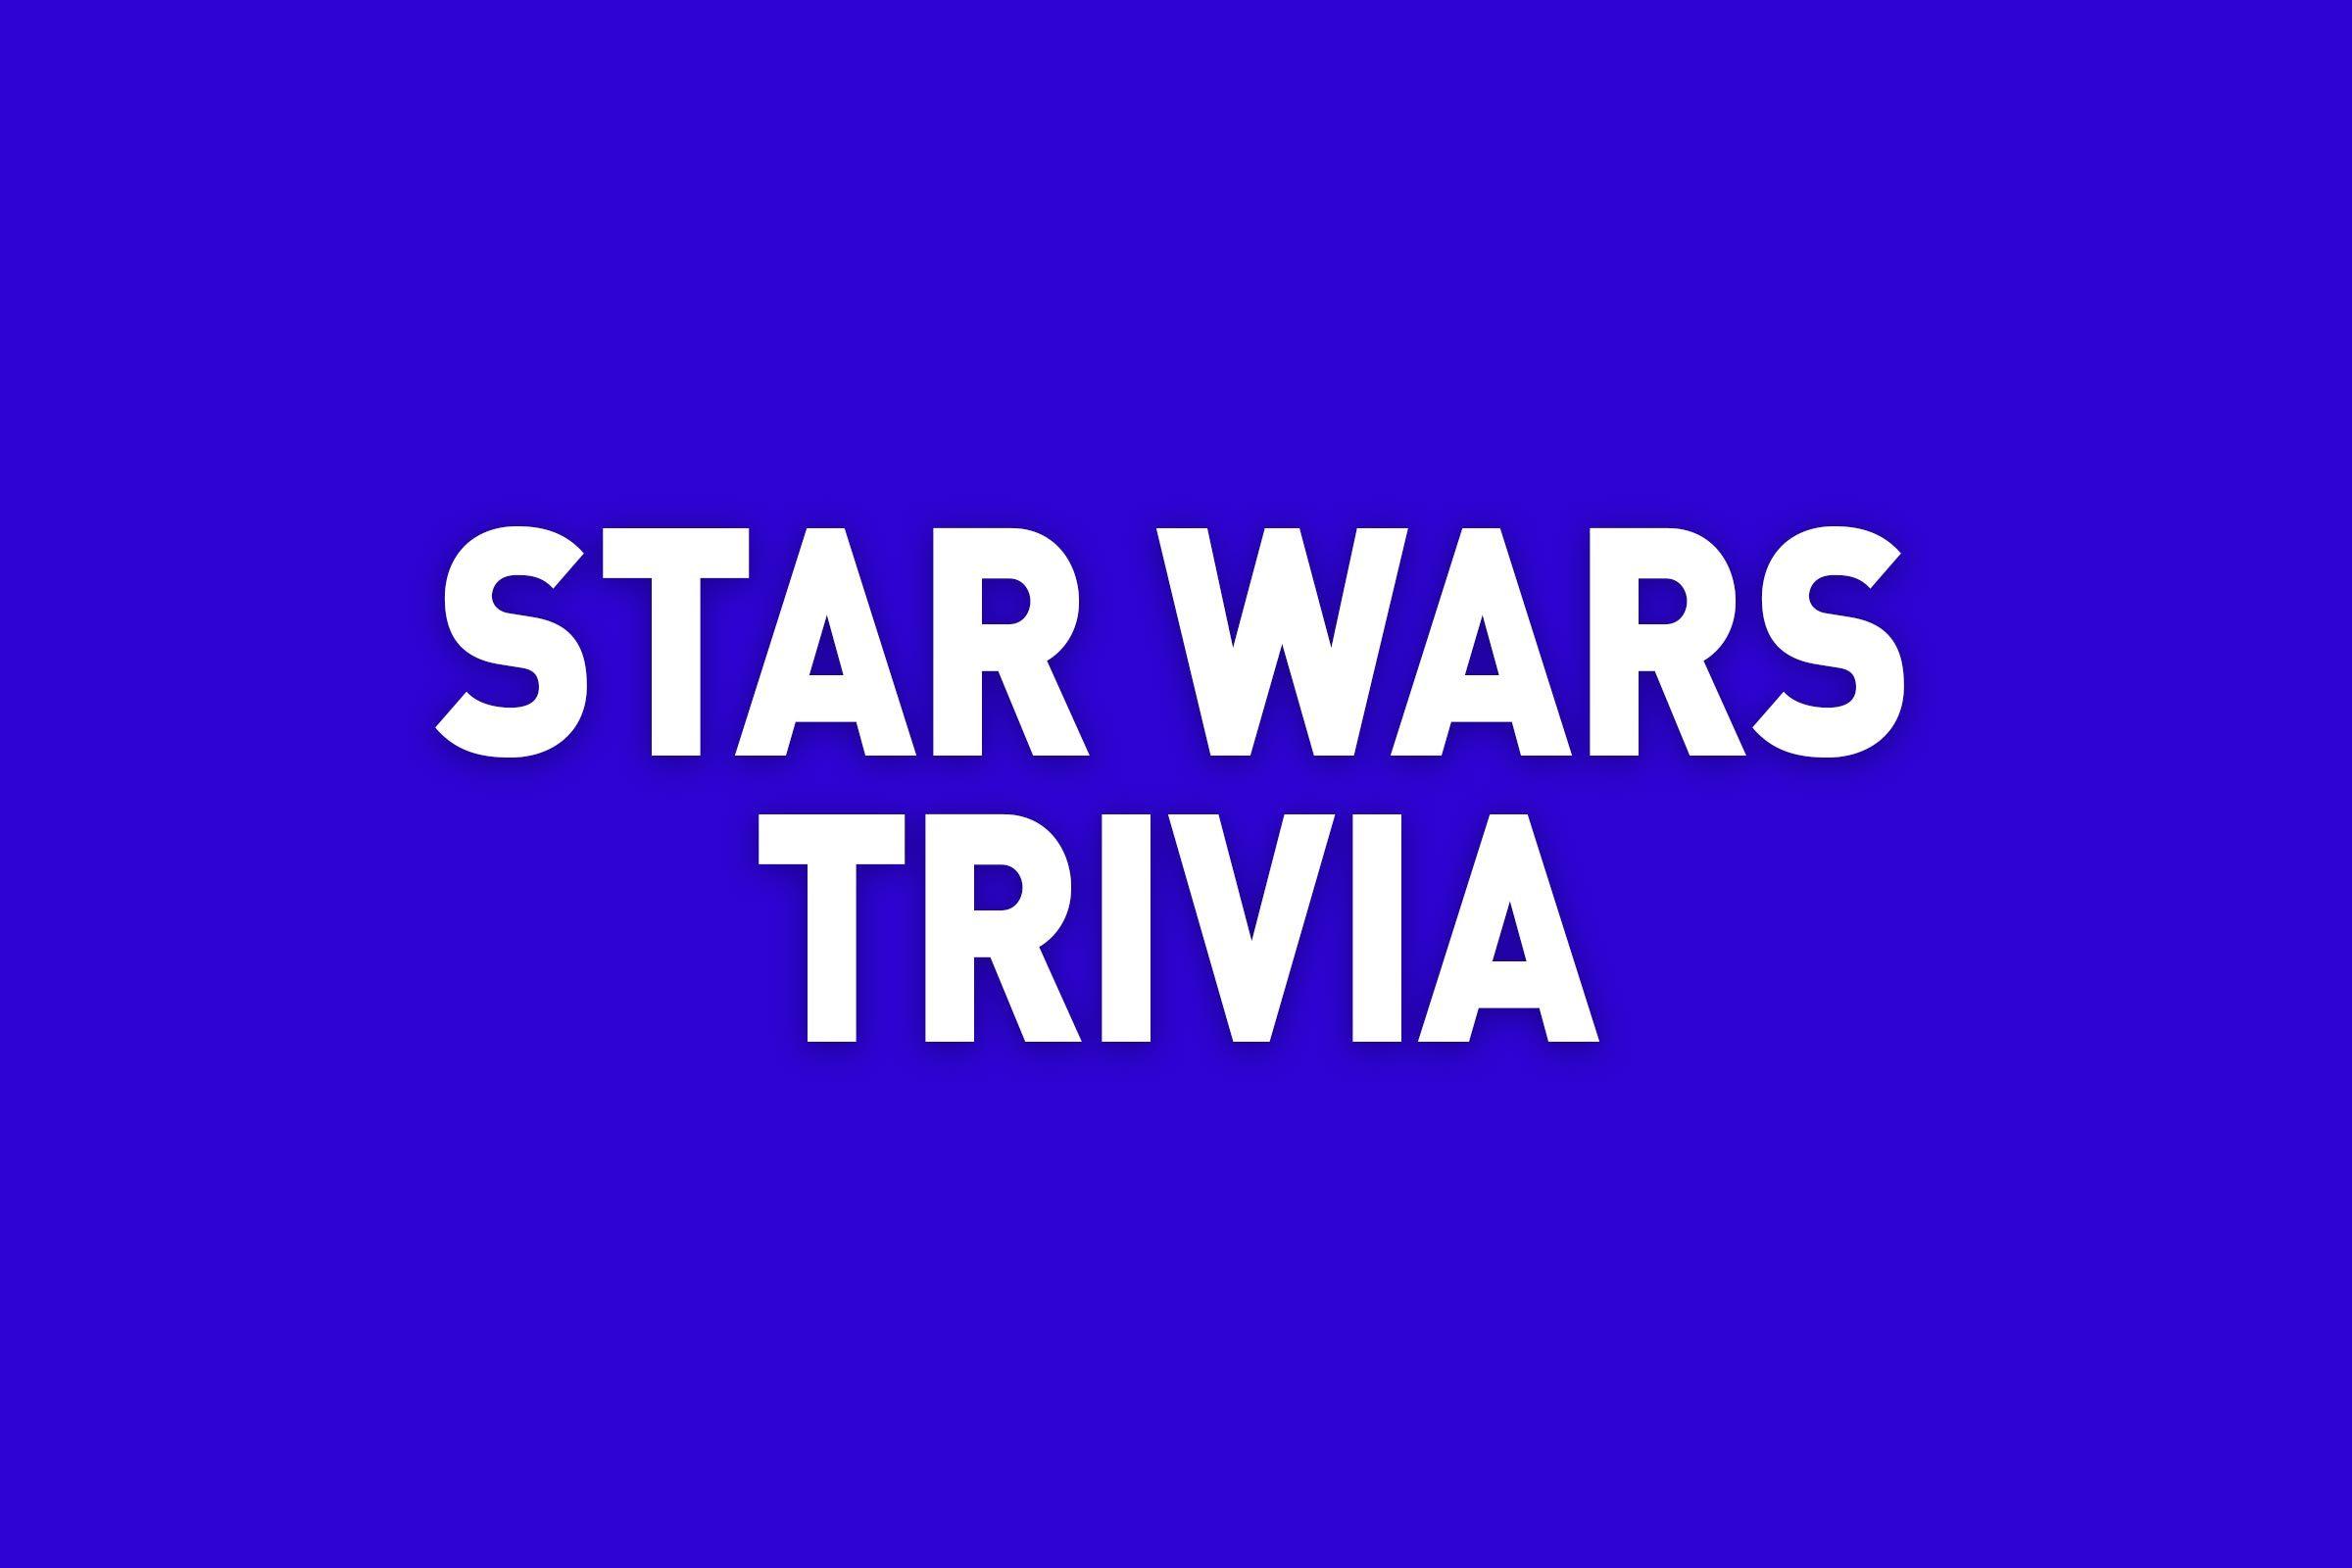 star wars trivia jeopardy category